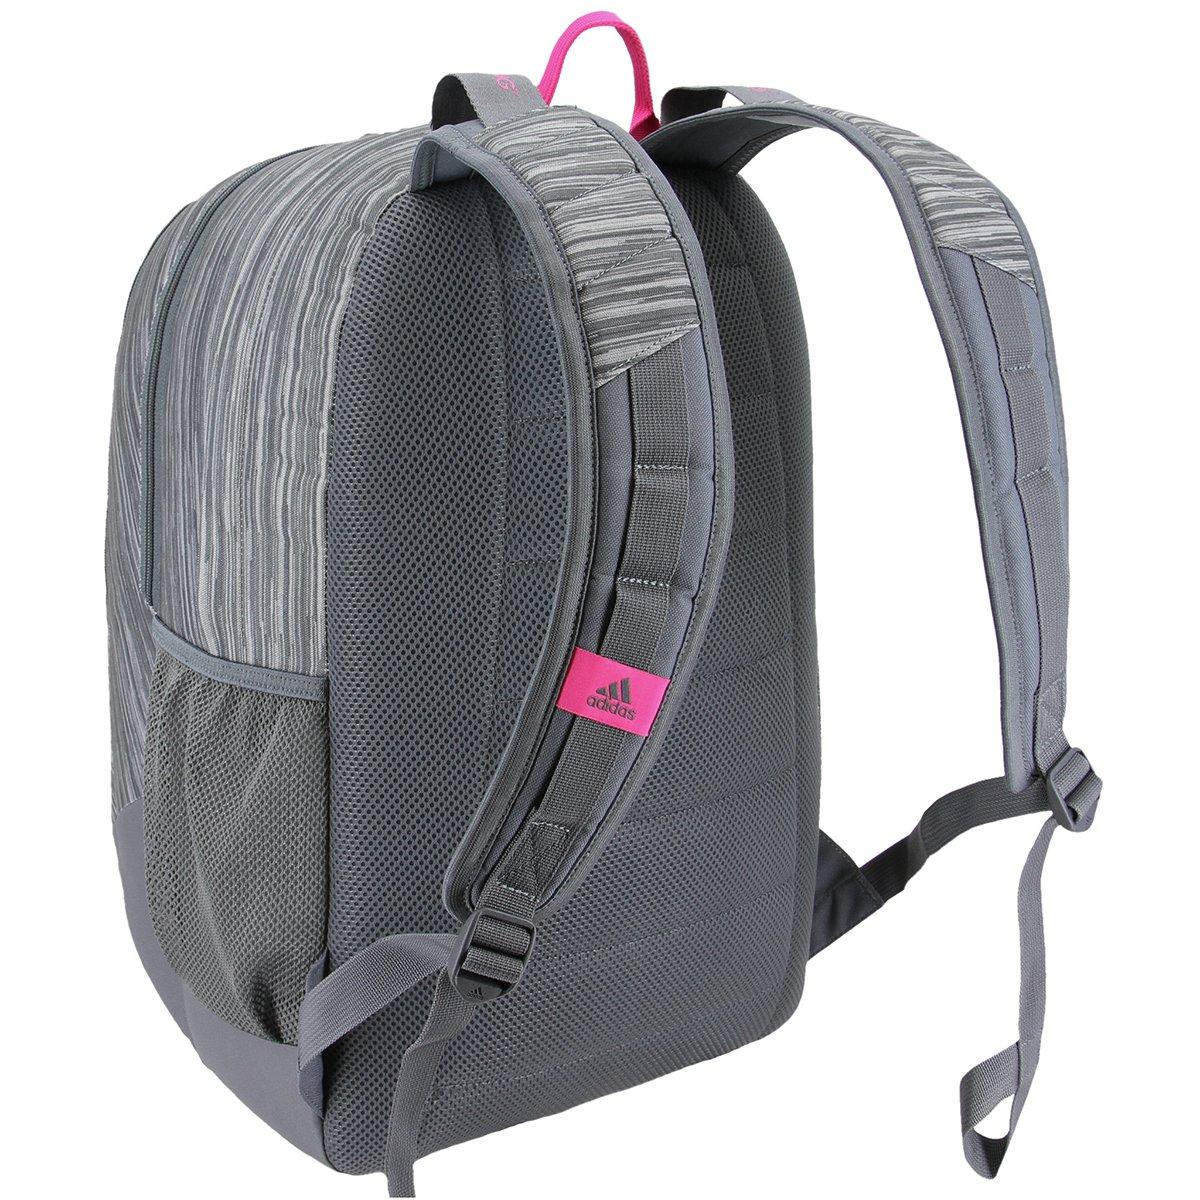 : Looper Adidas Primo Iii Zaino, Onix Looper : Stampa / Onix Grey 70161e